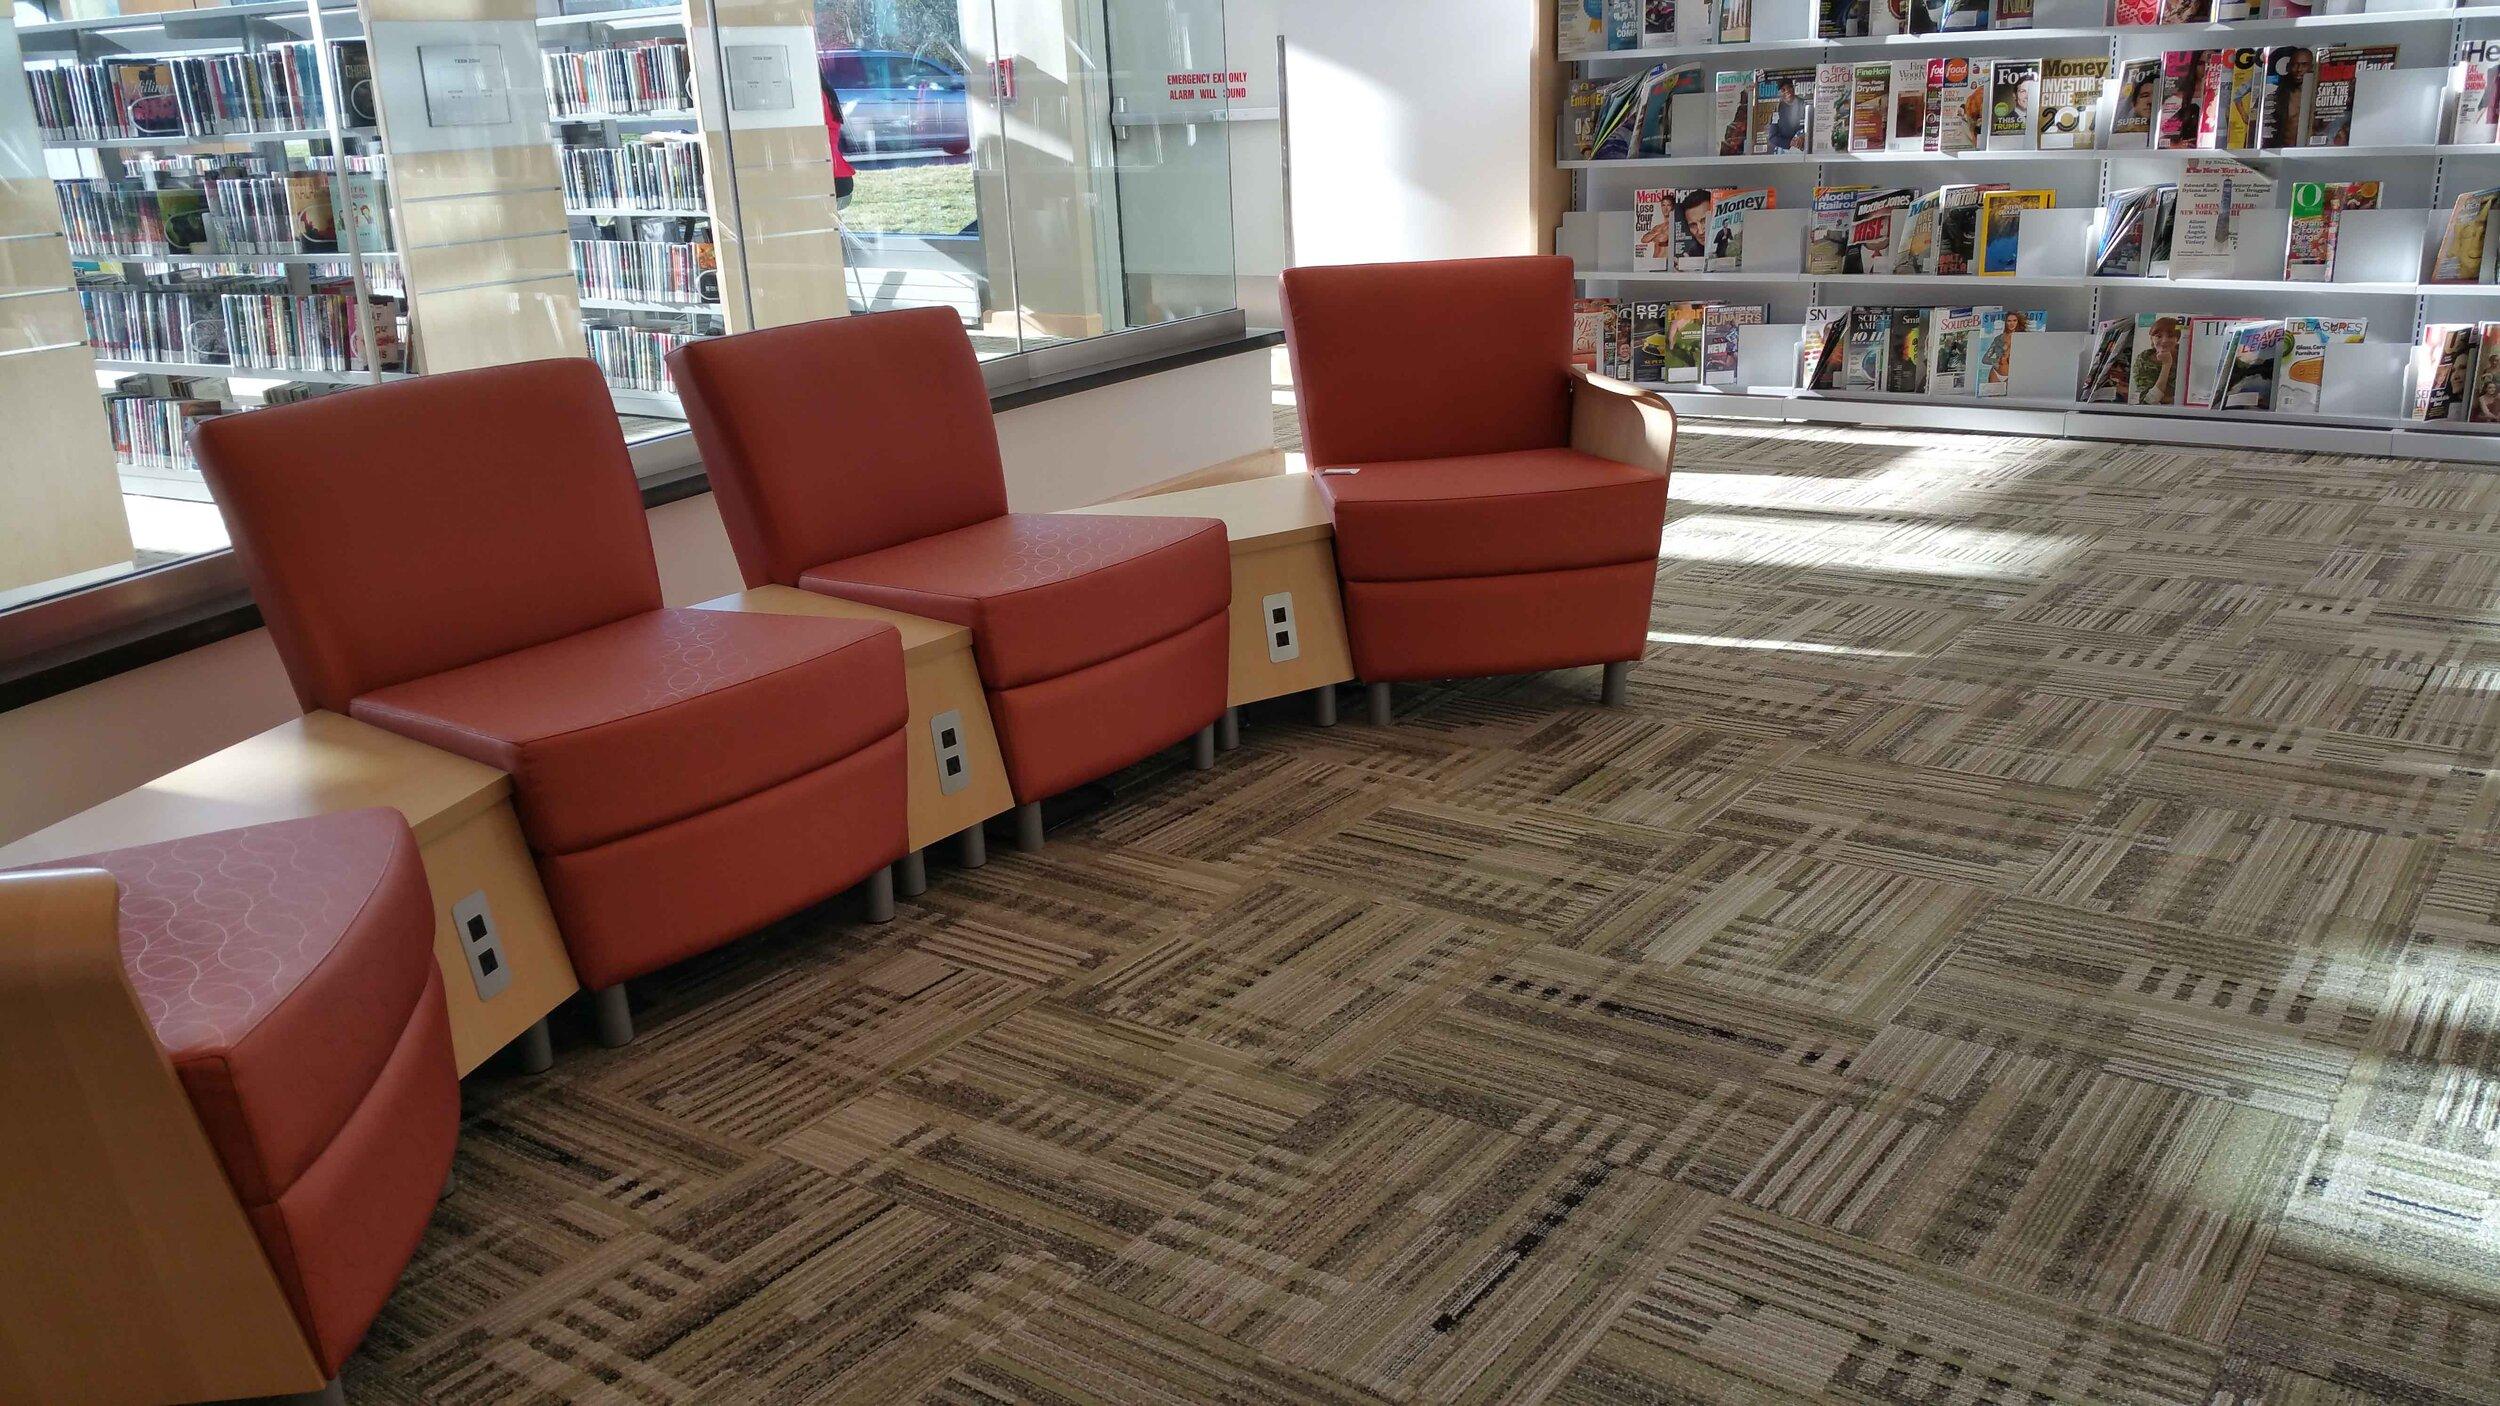 2017-03-08 Laurel Library-161541.jpg